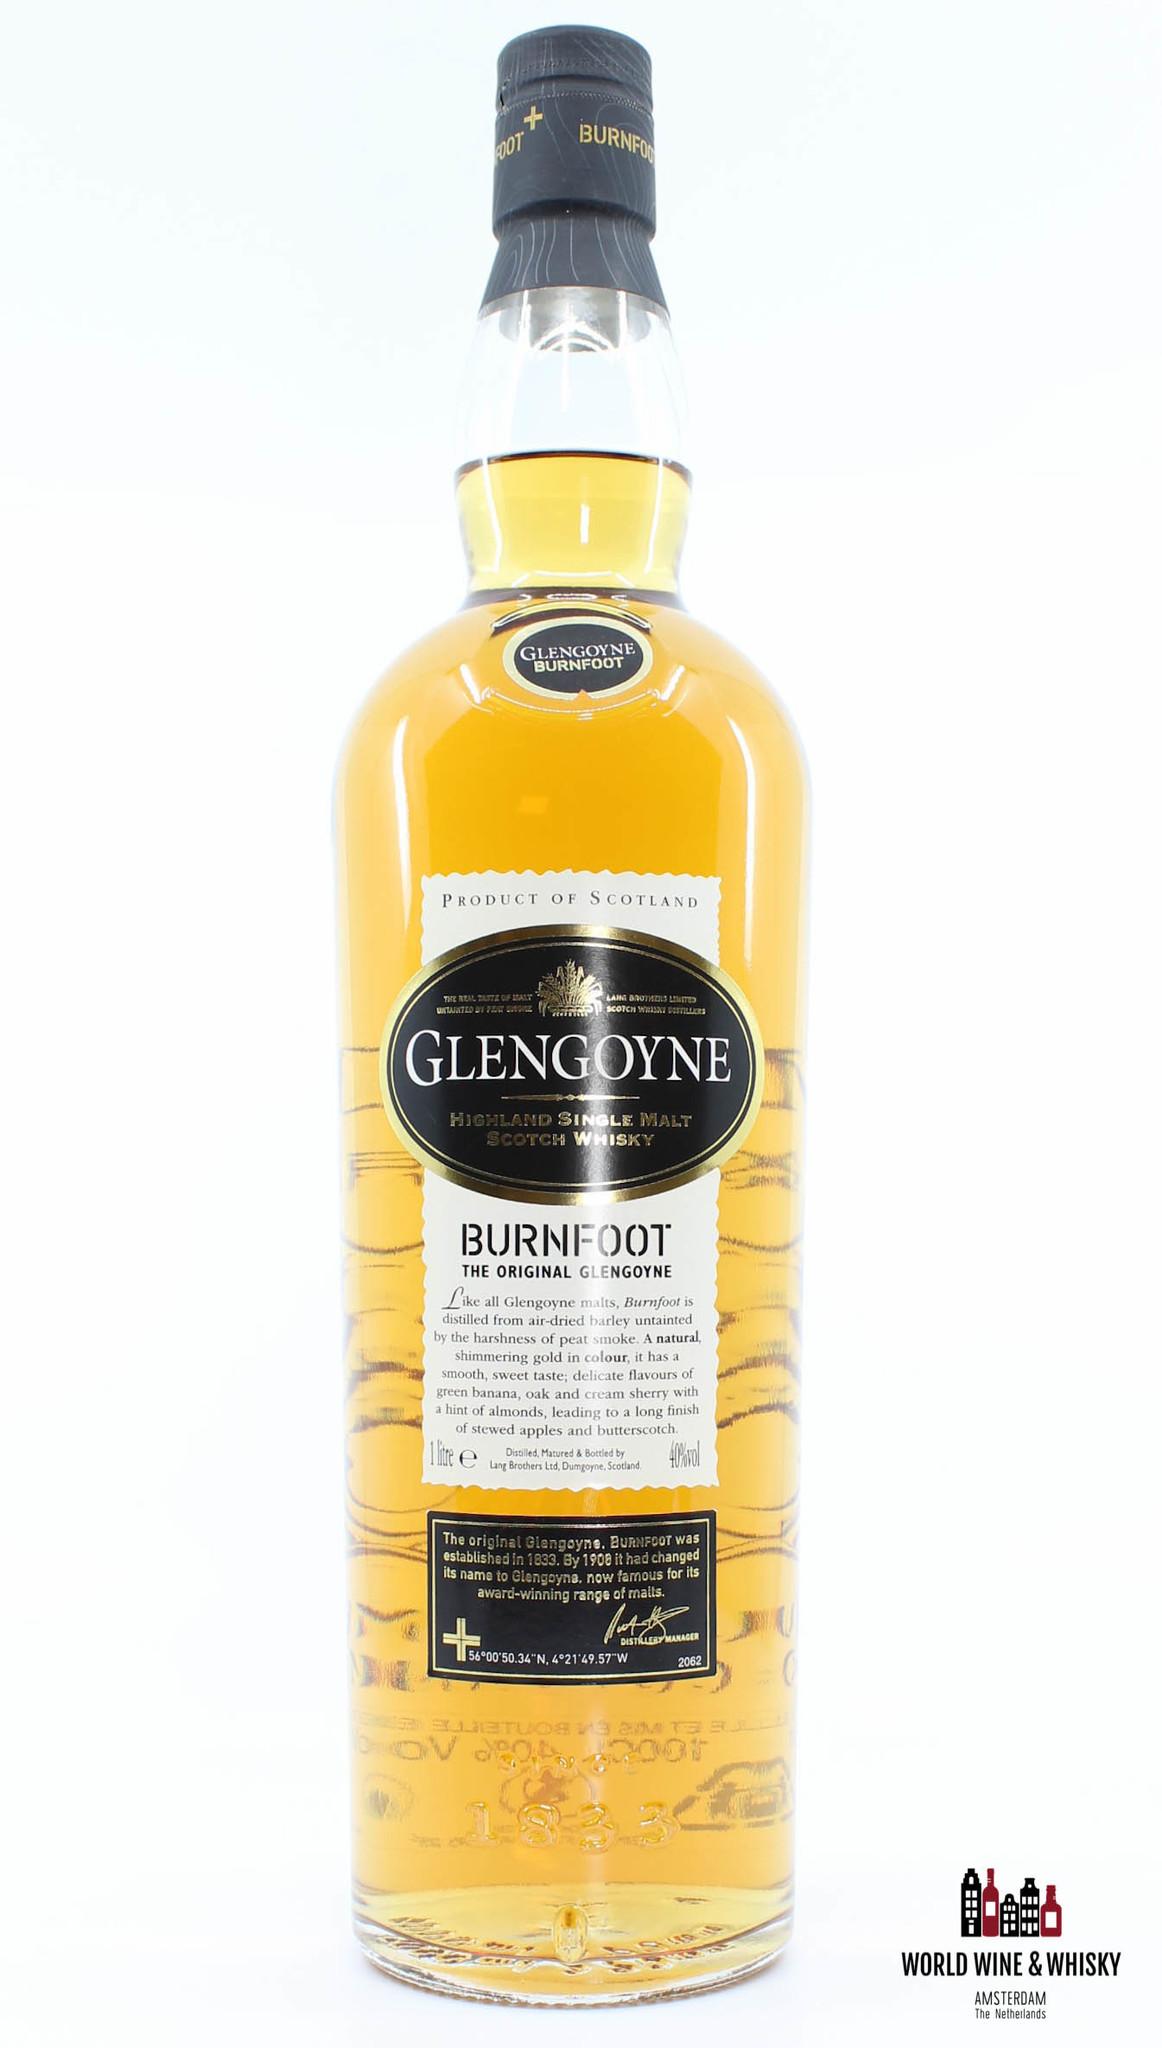 Glengoyne Glengoyne Burnfoot 2010 New Design 40% 1000 ml